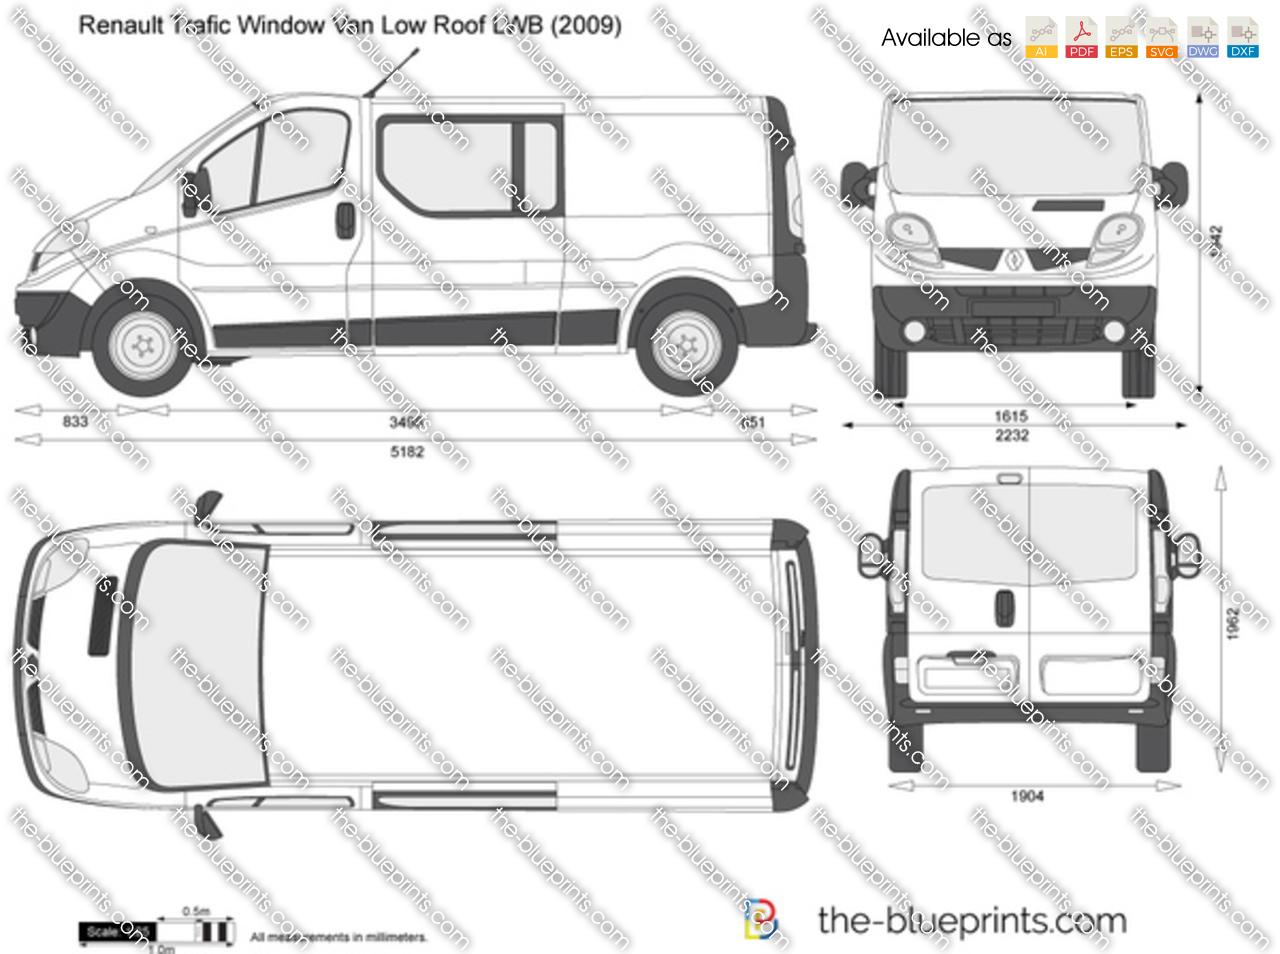 Renault Trafic Window Van Low Roof LWB 2014